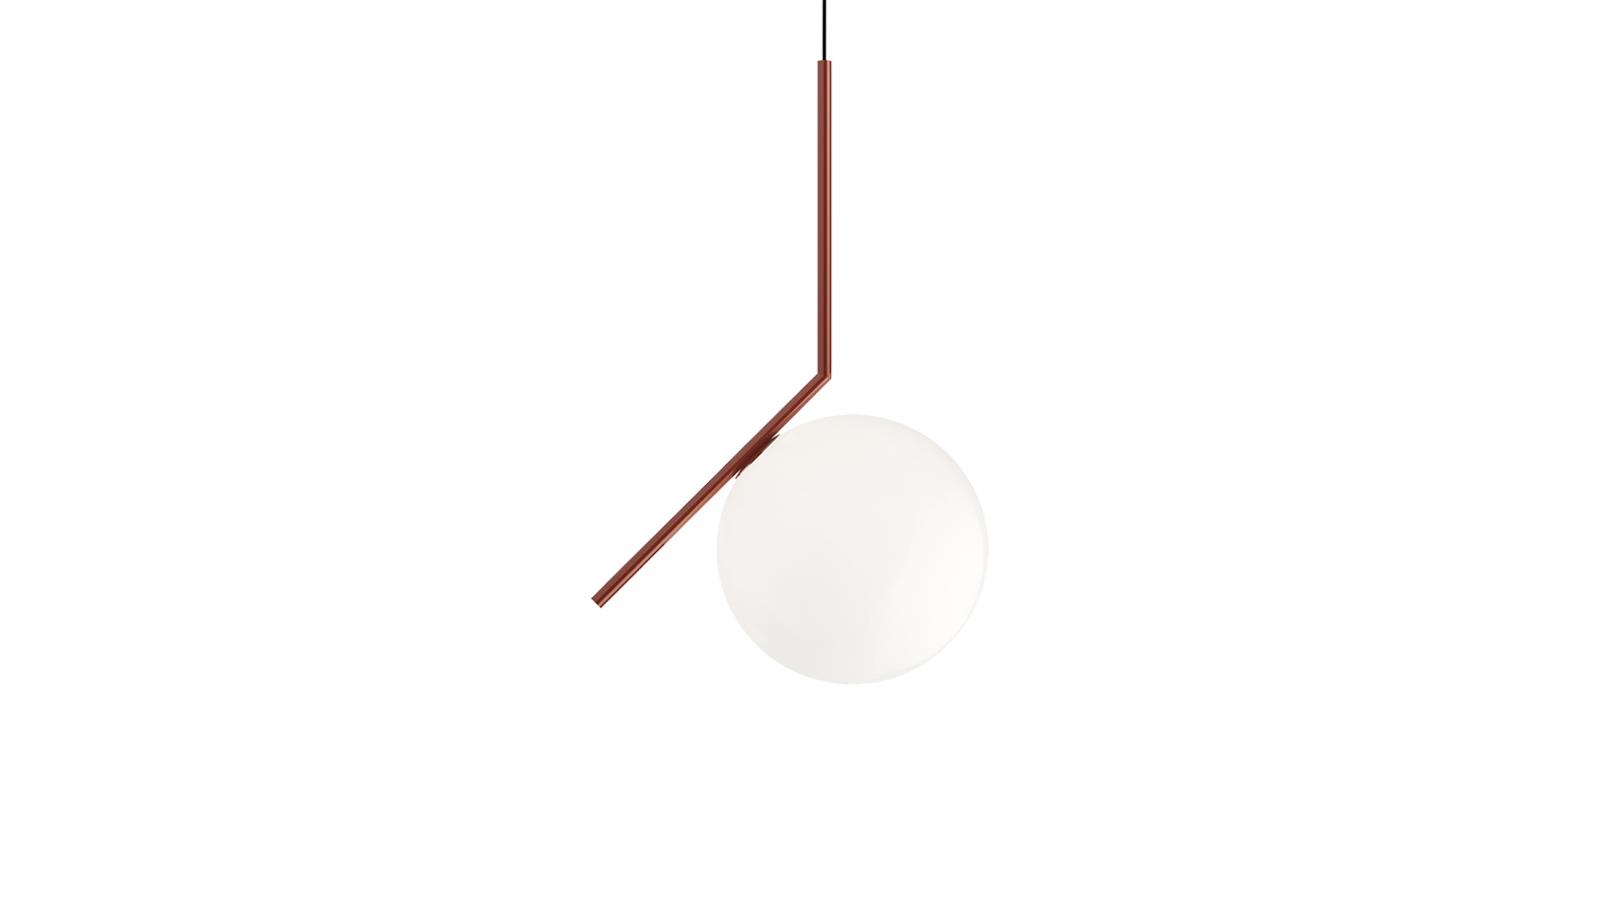 Talán a buborékfújók adták az ihletet az IC Lights lámpákhoz. A szappanbuborékra emlékeztető, homályos lámpabúrák mintha vékony, kecses foglalatból születnének éppen. Visszafogott, elegáns és könnyed alkotások, melyek hangulatos világítással és luxus sikkel ajándékozzák meg az étkezőt.